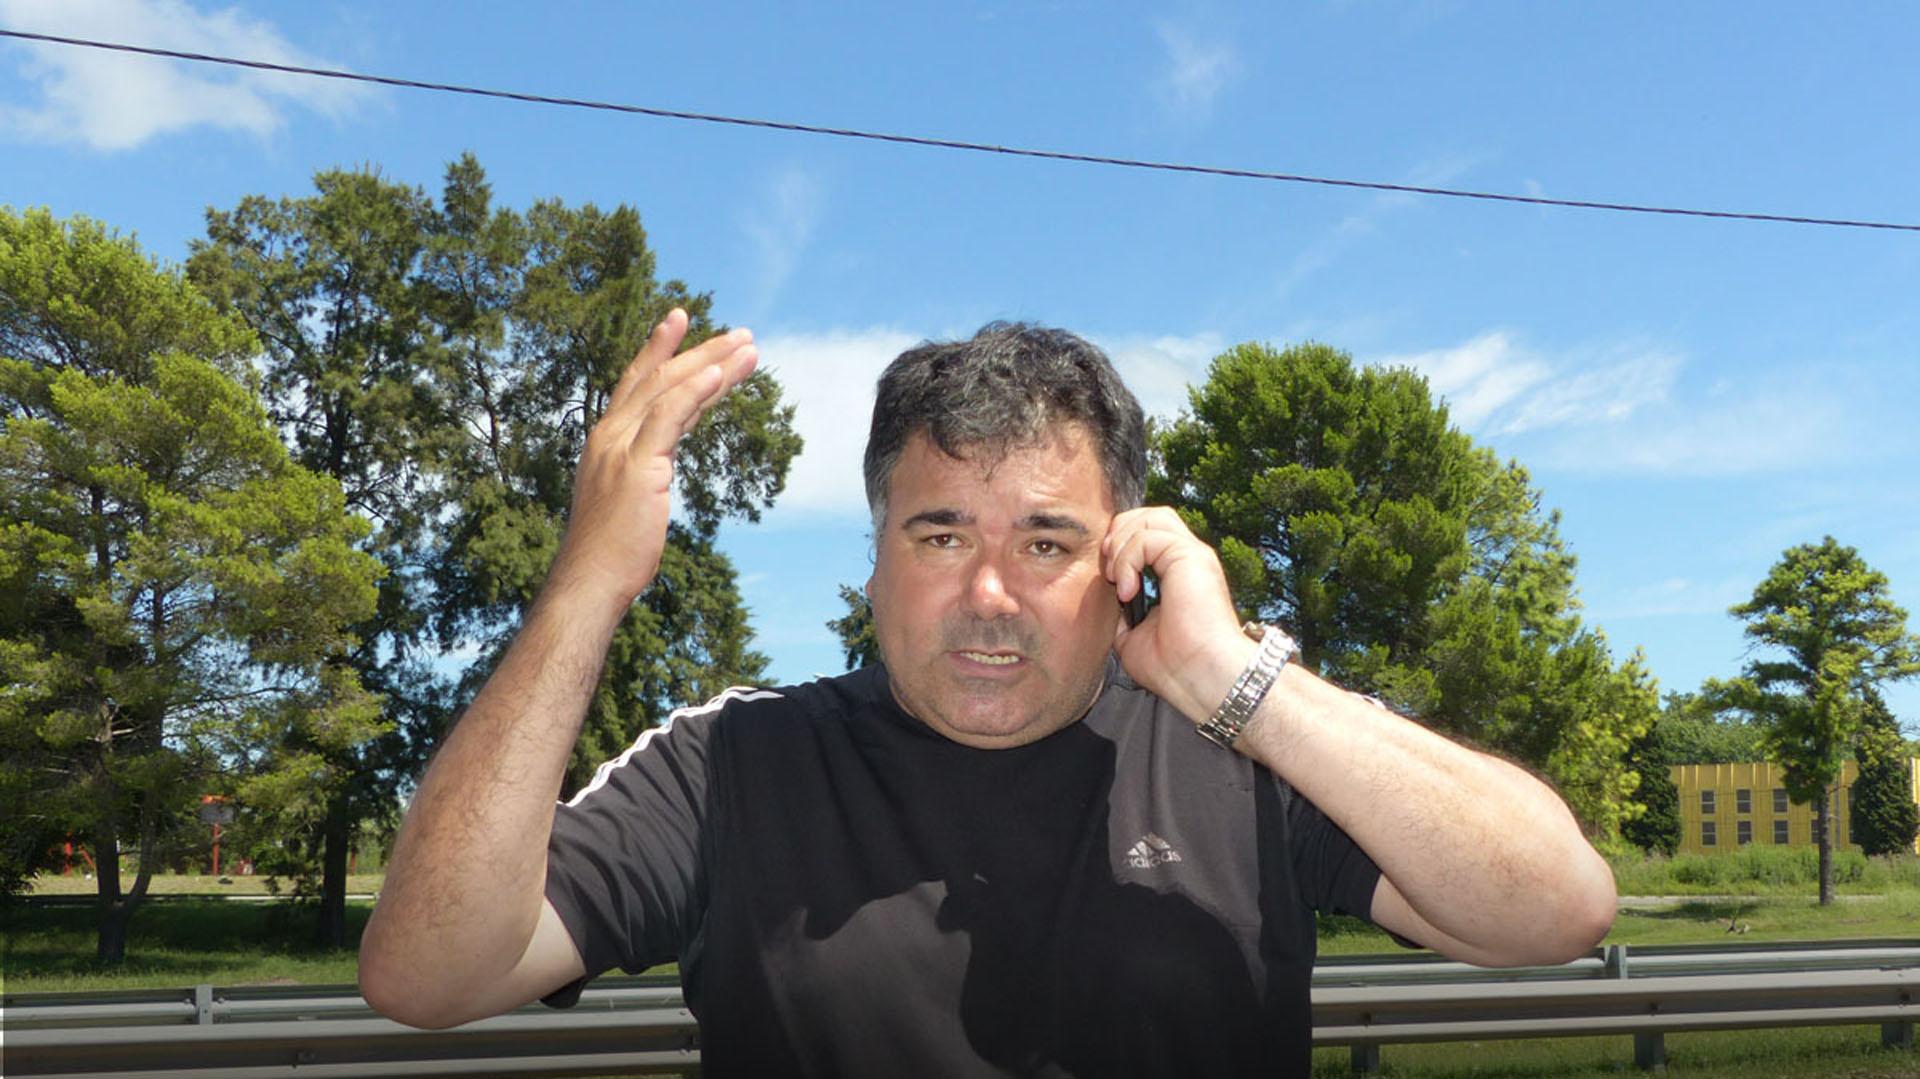 Juan Carlos Billarreal (Foto gentileza: Salvador Hamoui de Conclusión)